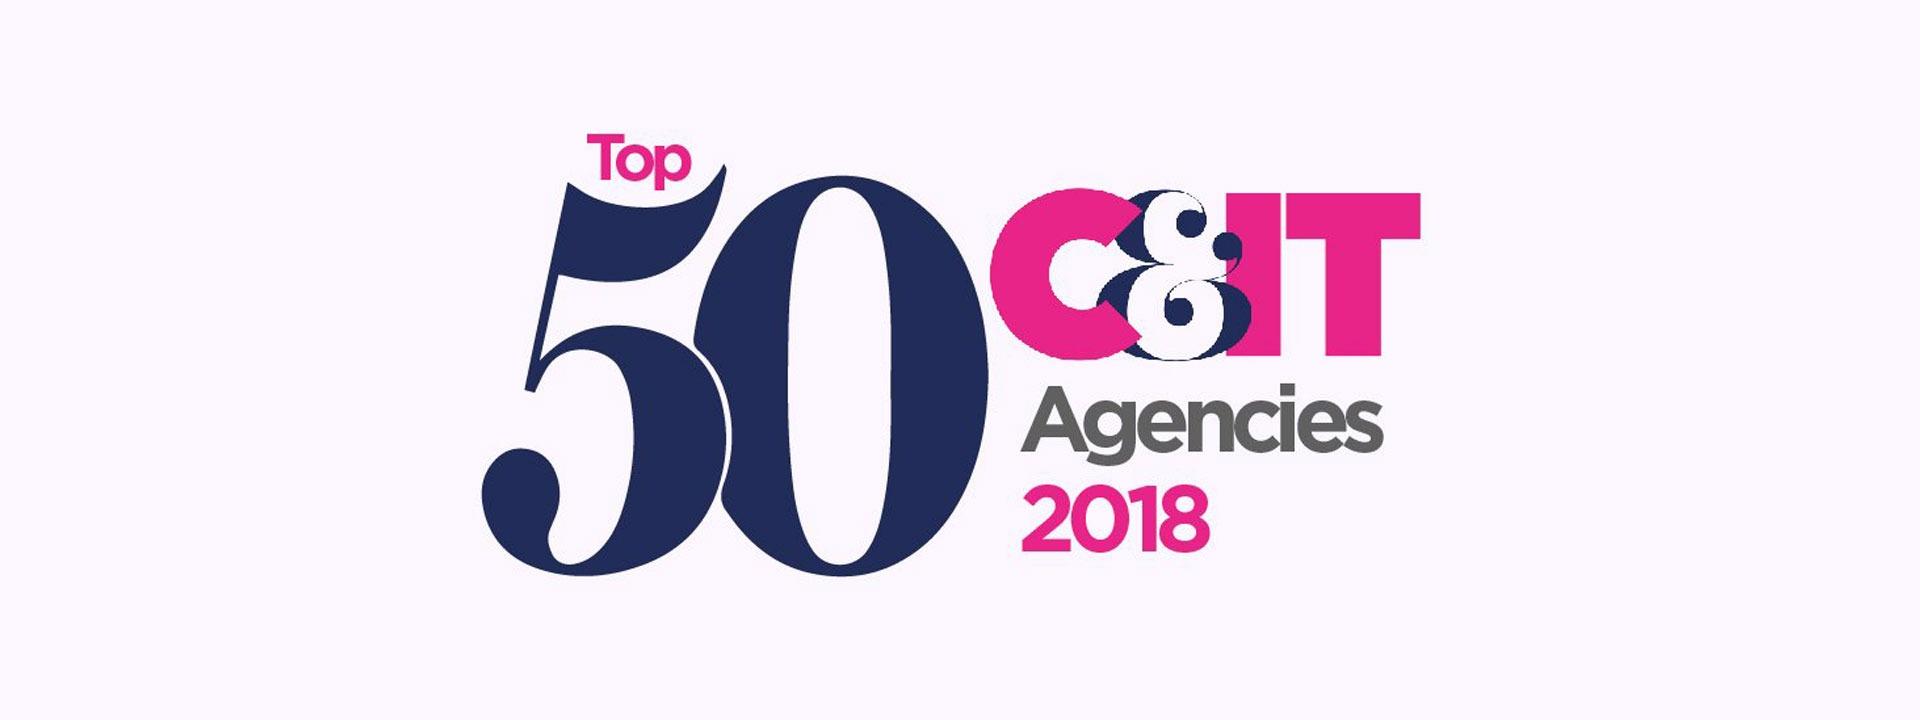 C&IT's Top 50 Agency List